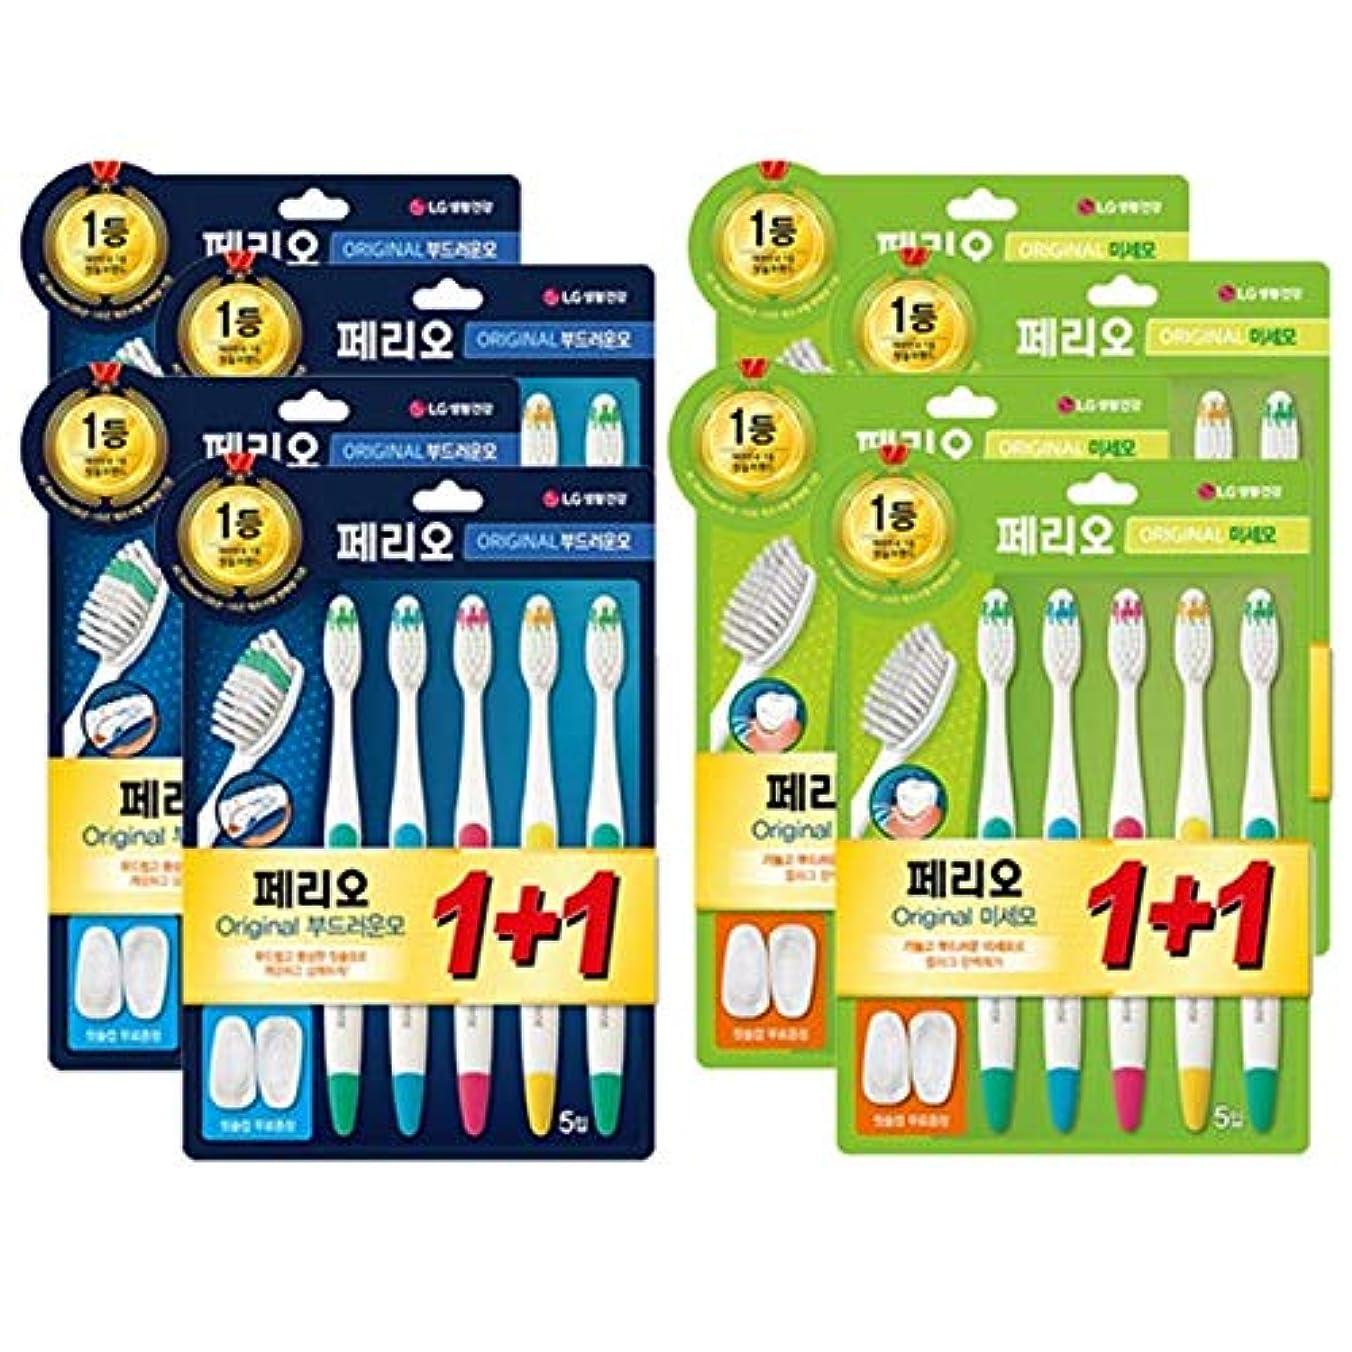 フォーラムアサート算術[LG HnB] Perio original toothbrush/ペリオオリジナル歯ブラシ 10口x4個(海外直送品)